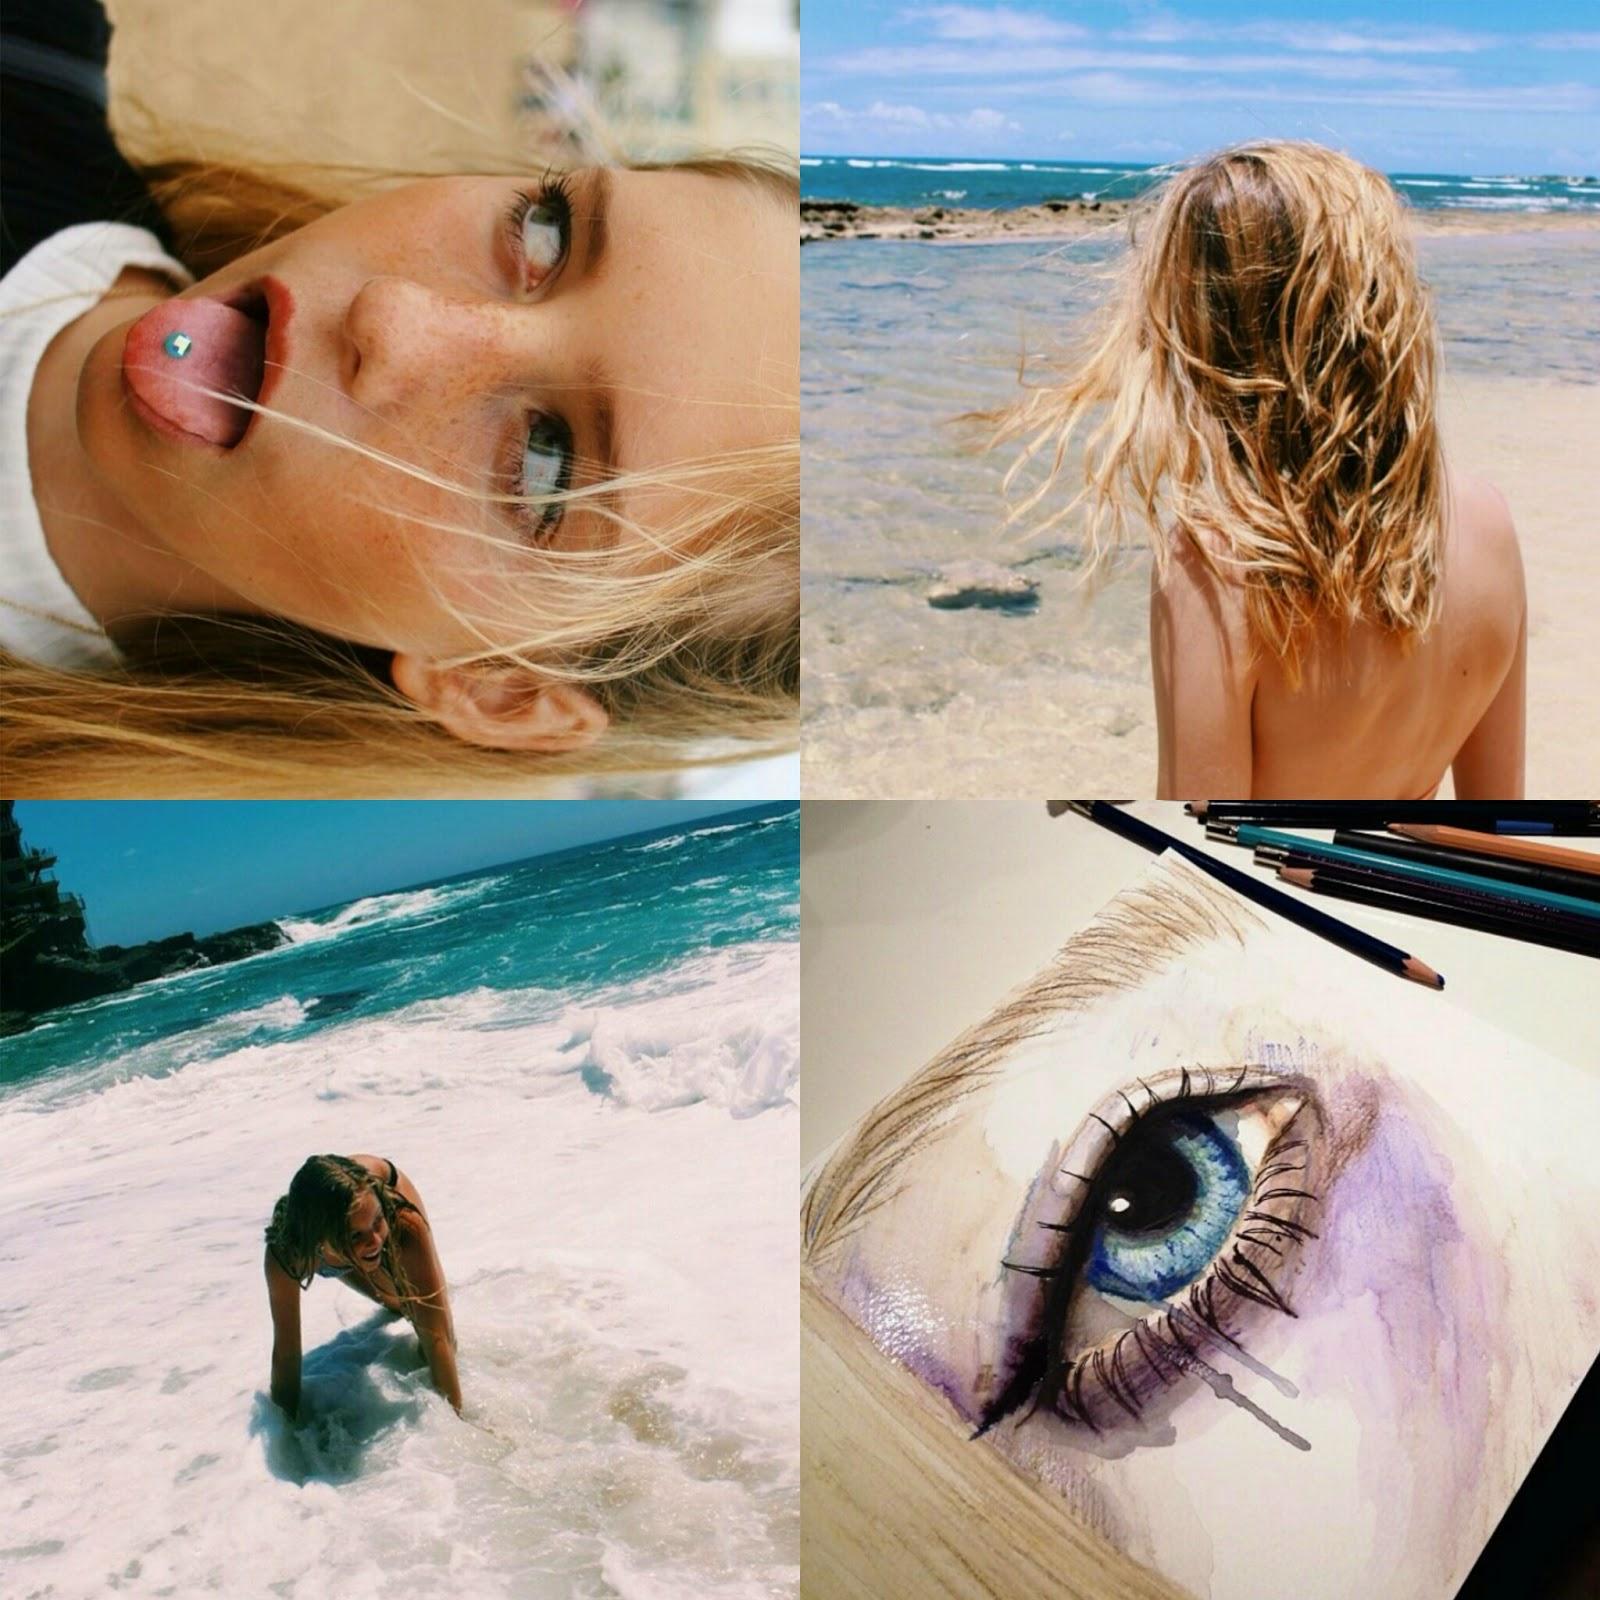 instagram.com/x.danielle